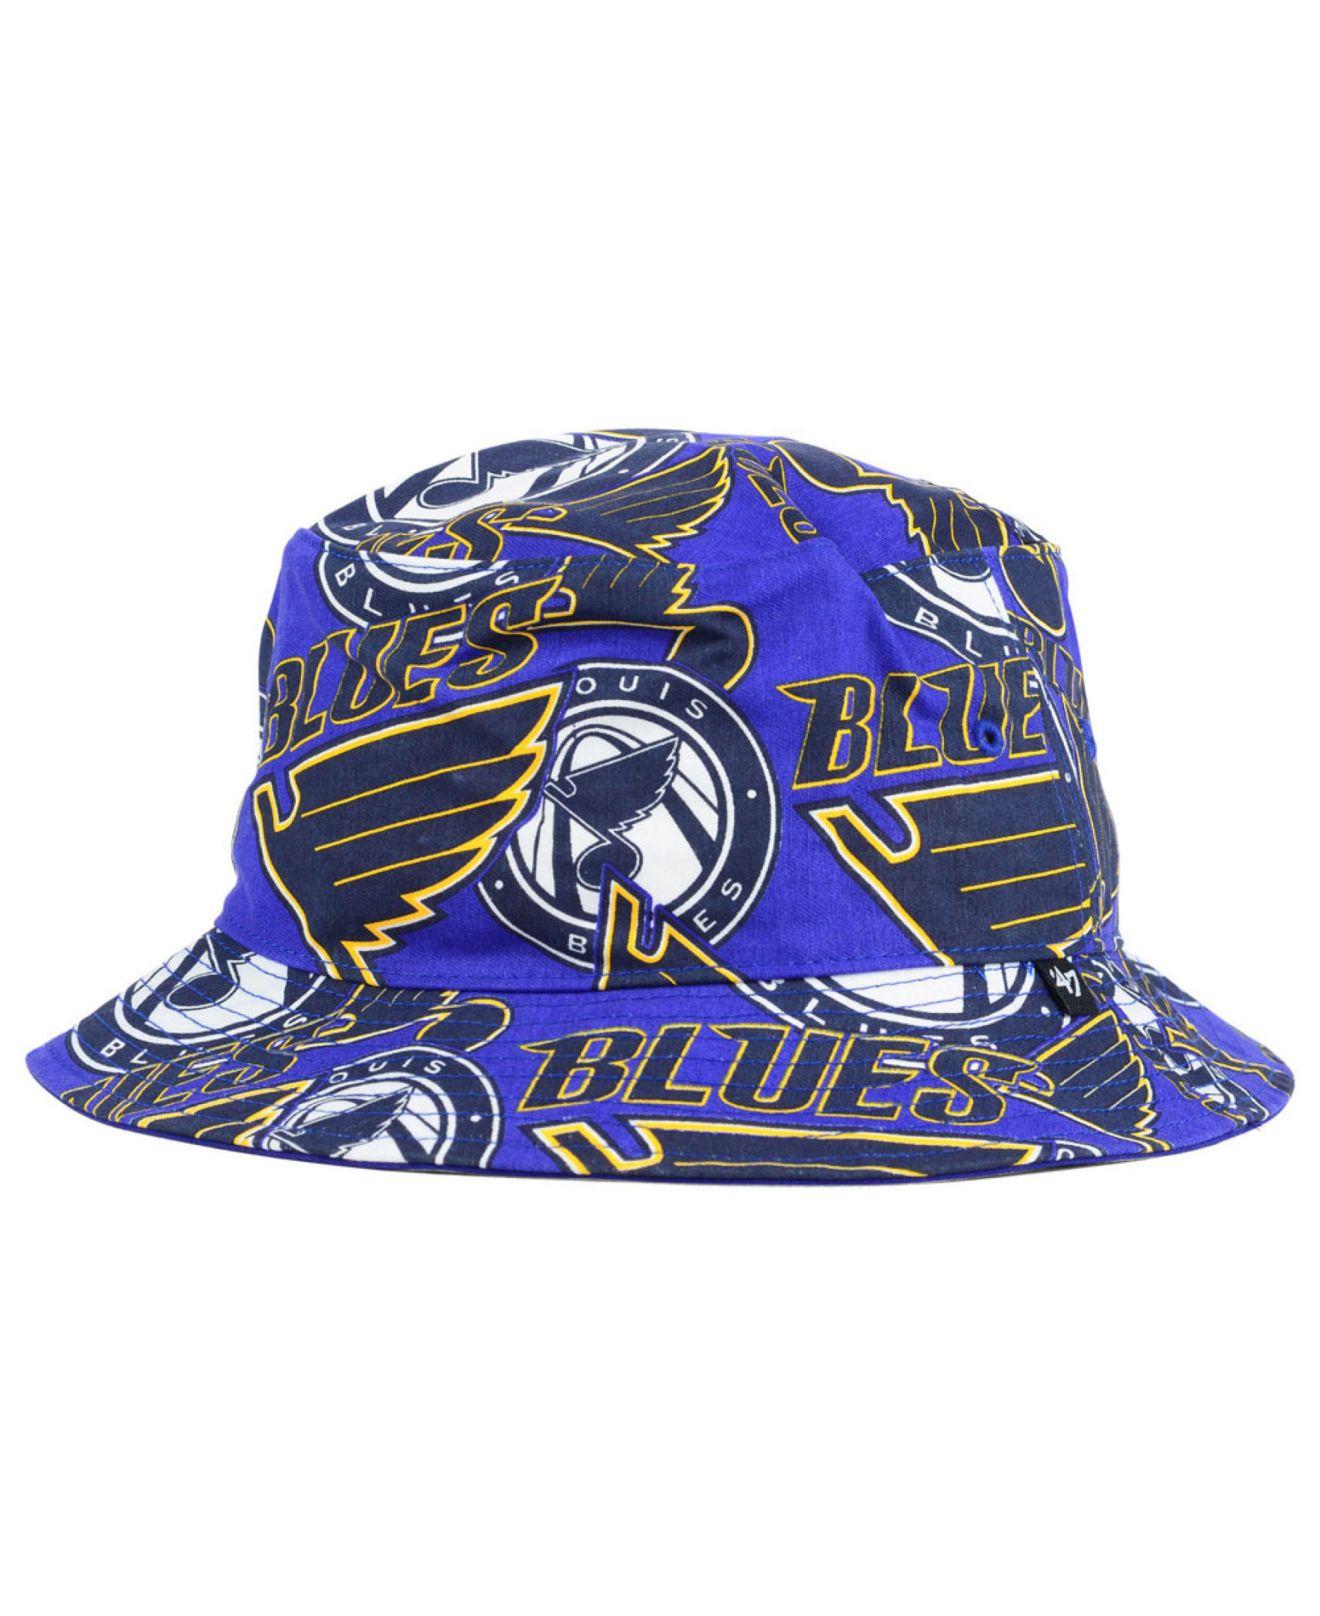 e372c014719 Lyst - 47 Brand St. Louis Blues Bucket Hat in Blue